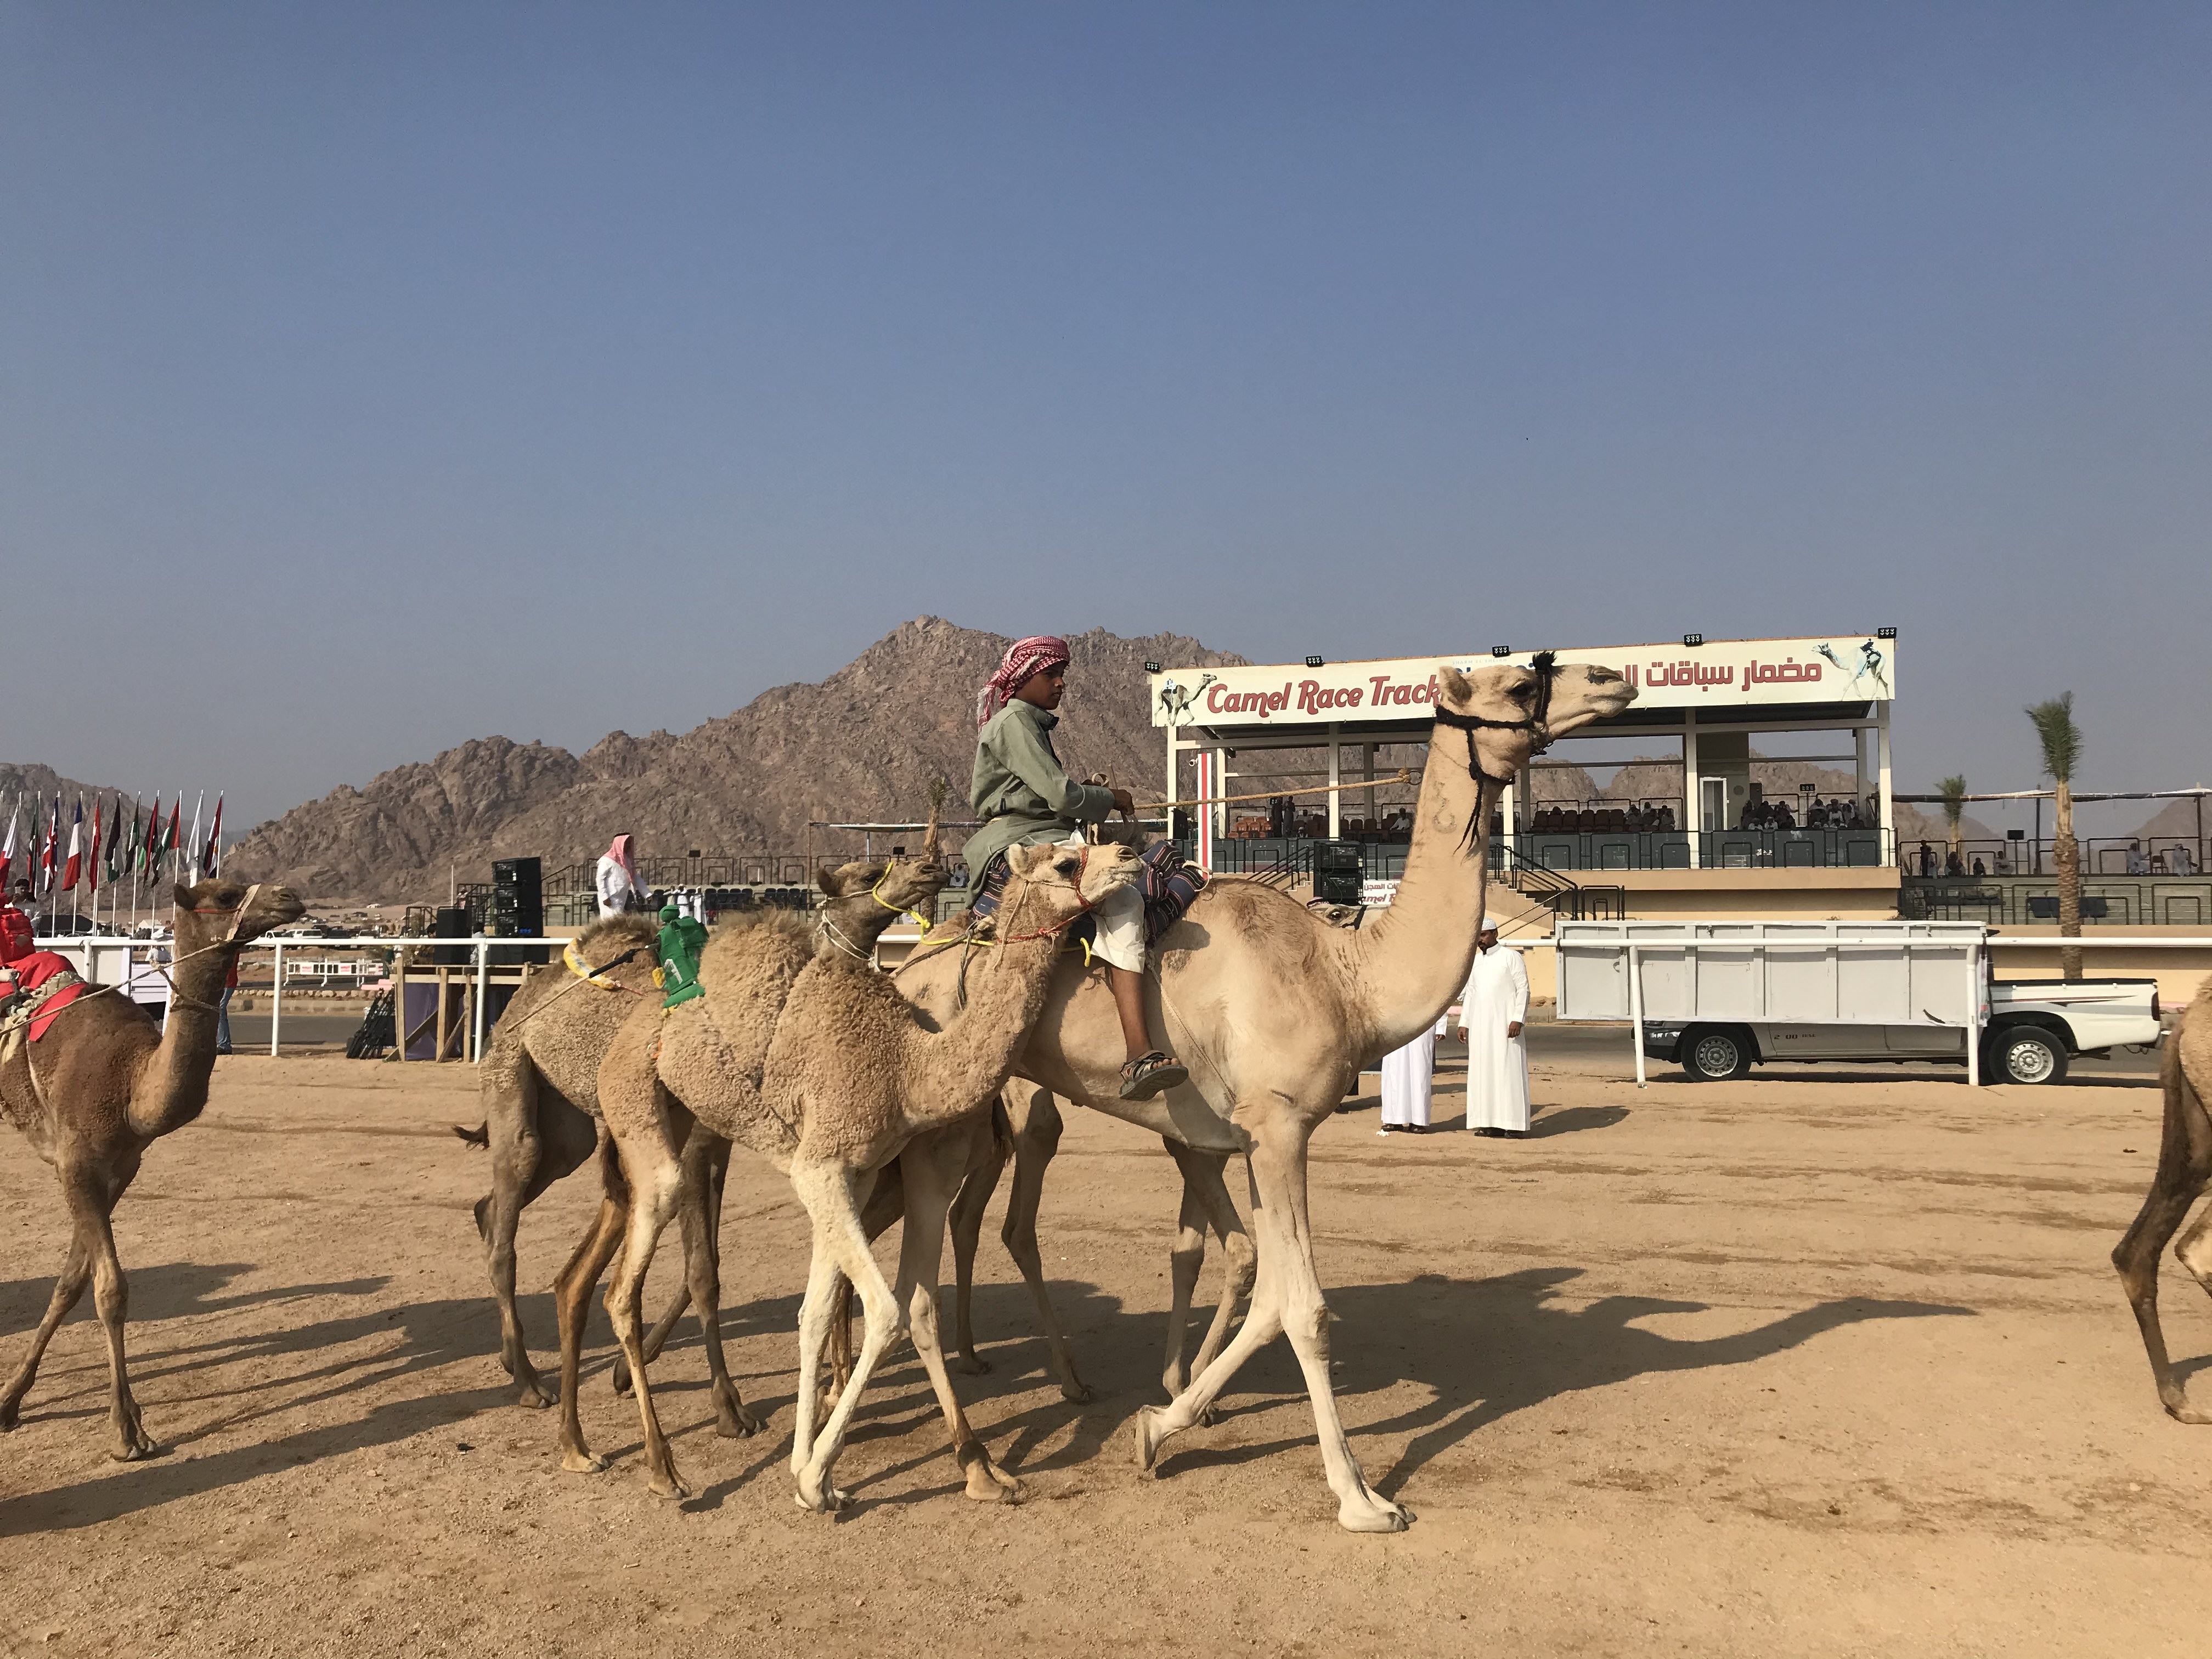 المشاركون فى مهرجان الهجن بشرم الشيخ من مختلف المحافظات (2)